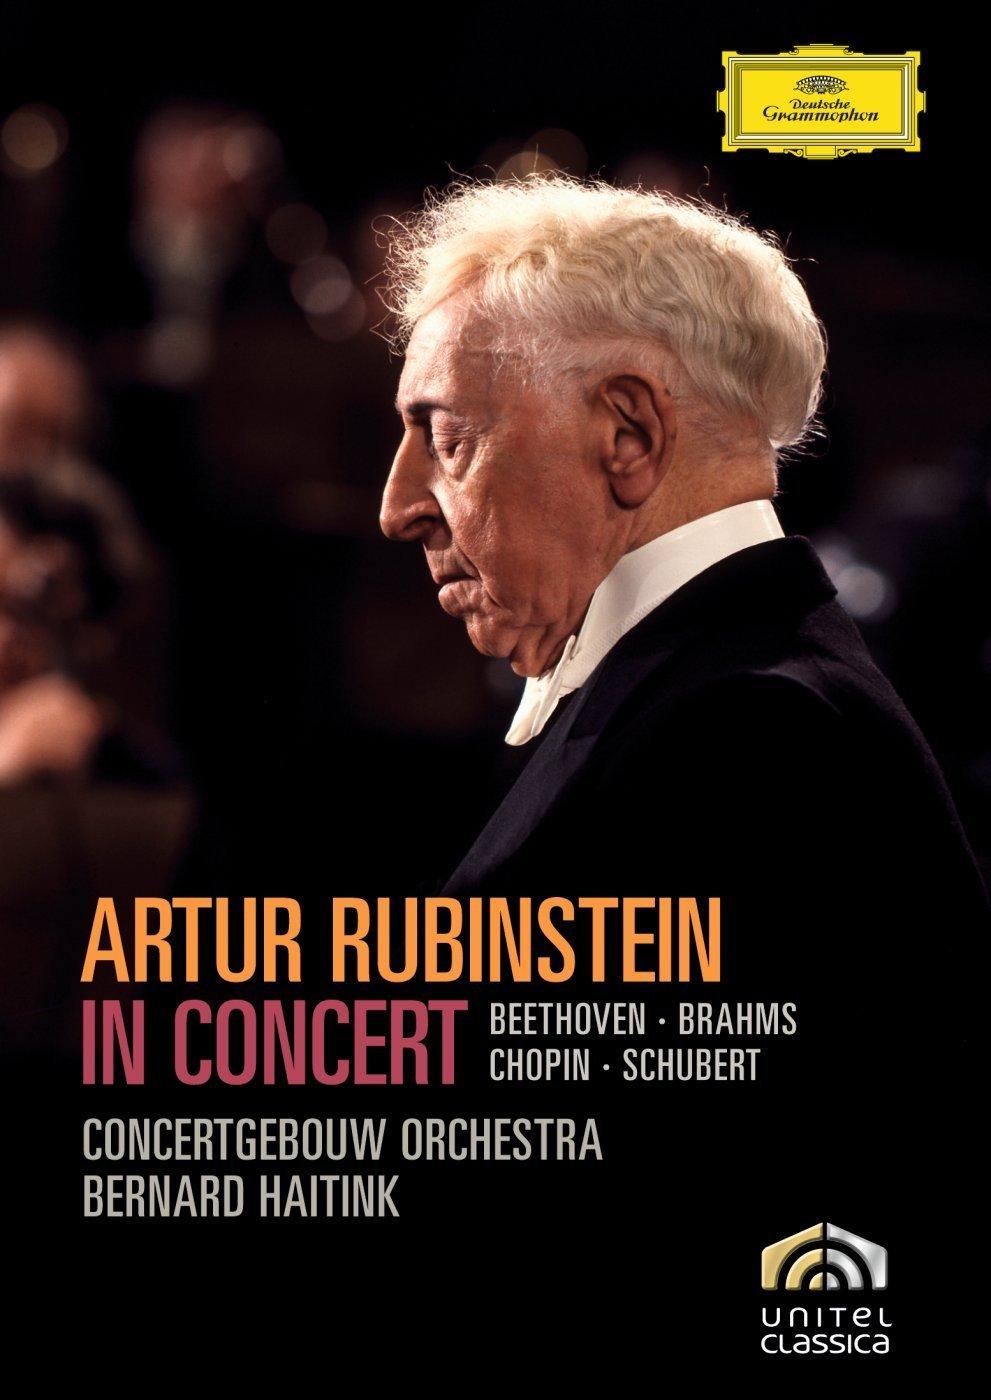 Artur Rubinstein in Concert - Beethoven, Brahms, Chopin, Schubert